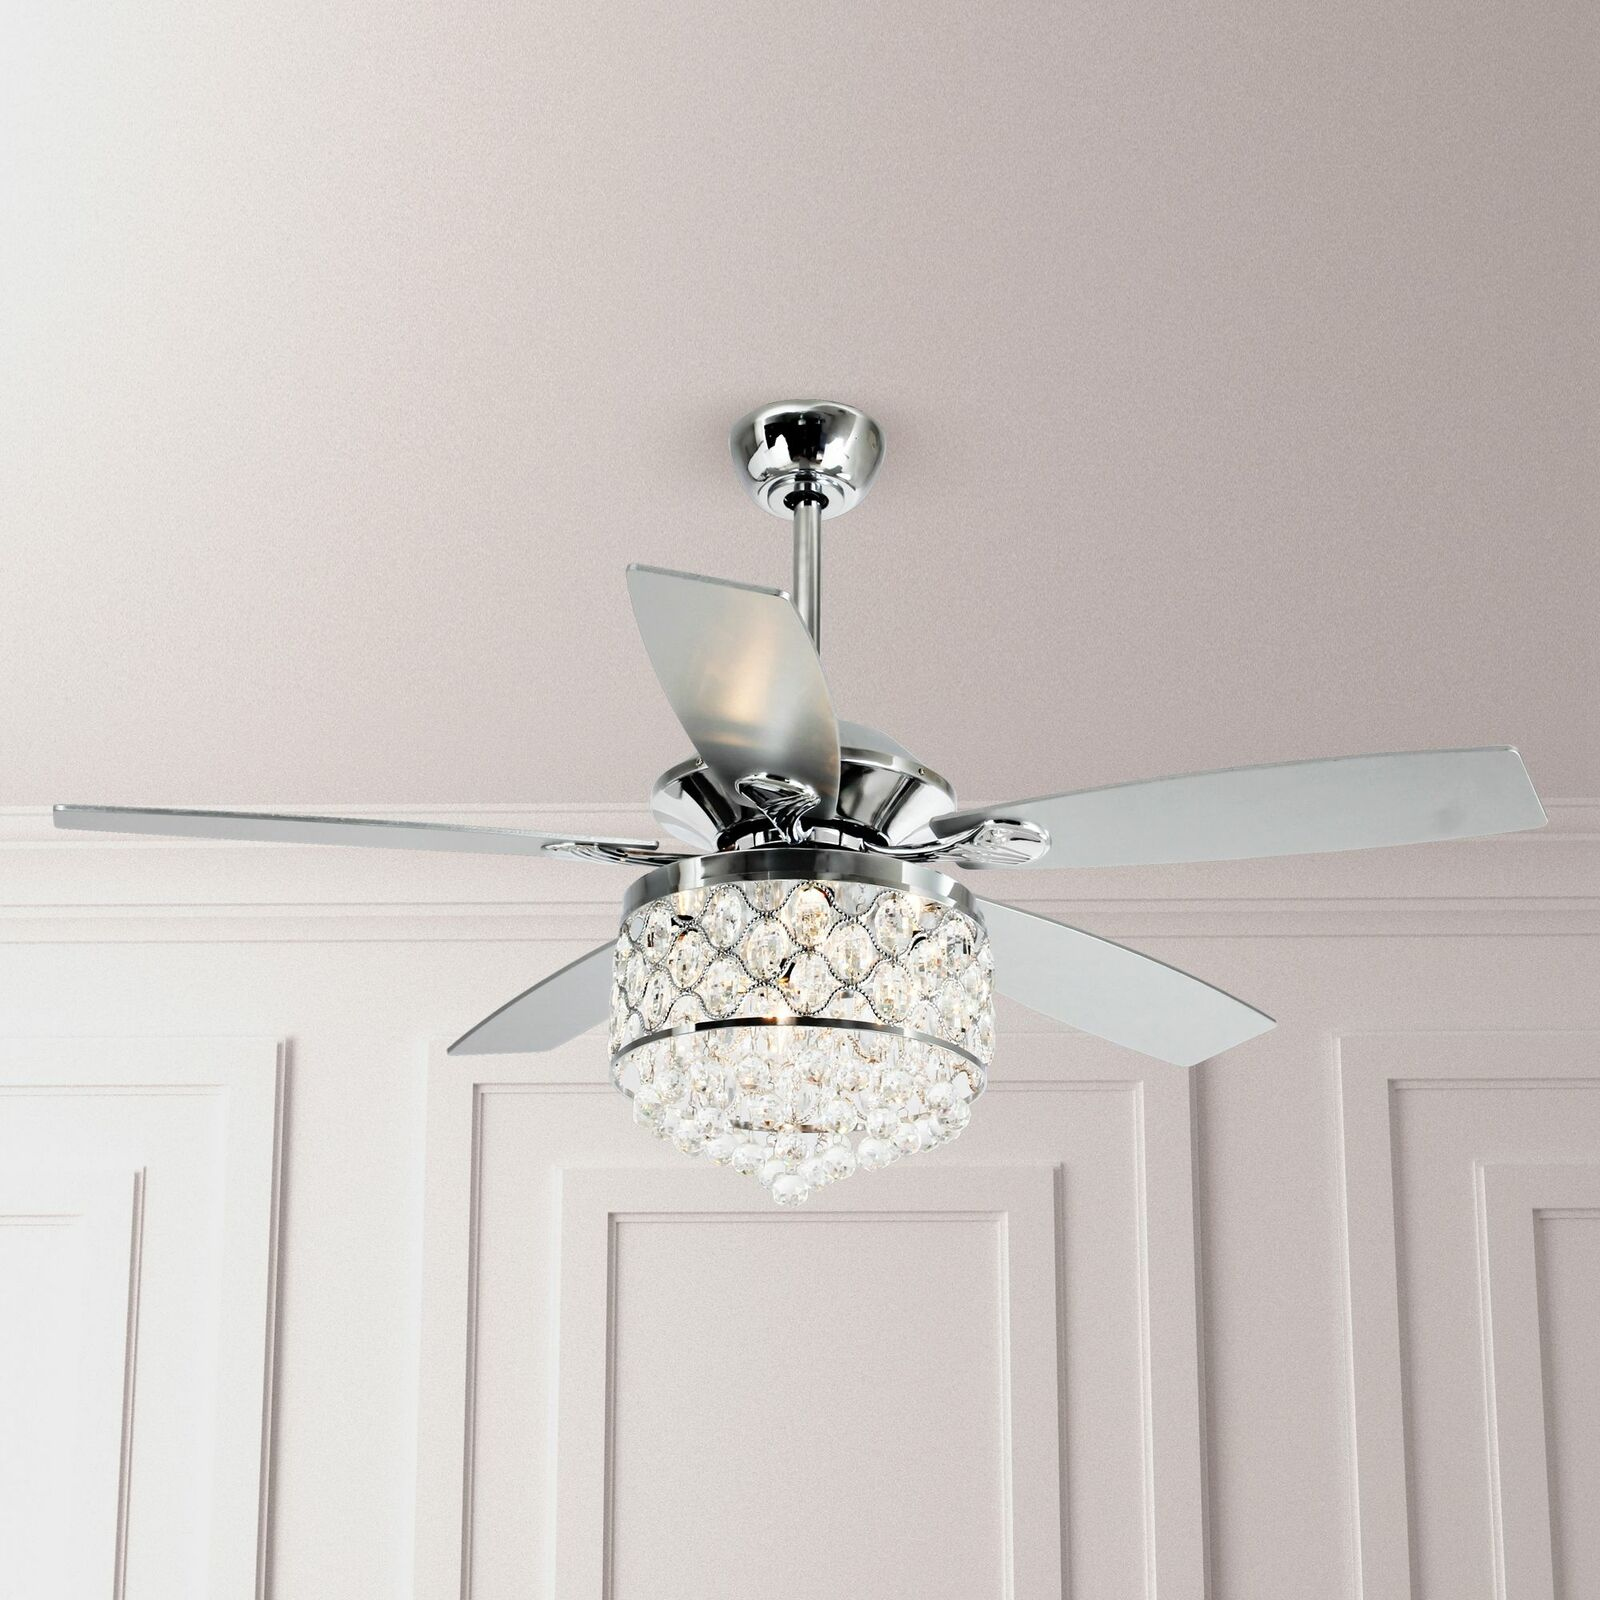 52 Crystal Ceiling Fan Light Remote Control 4 Lights Reversible Fan Chandelier Ebay